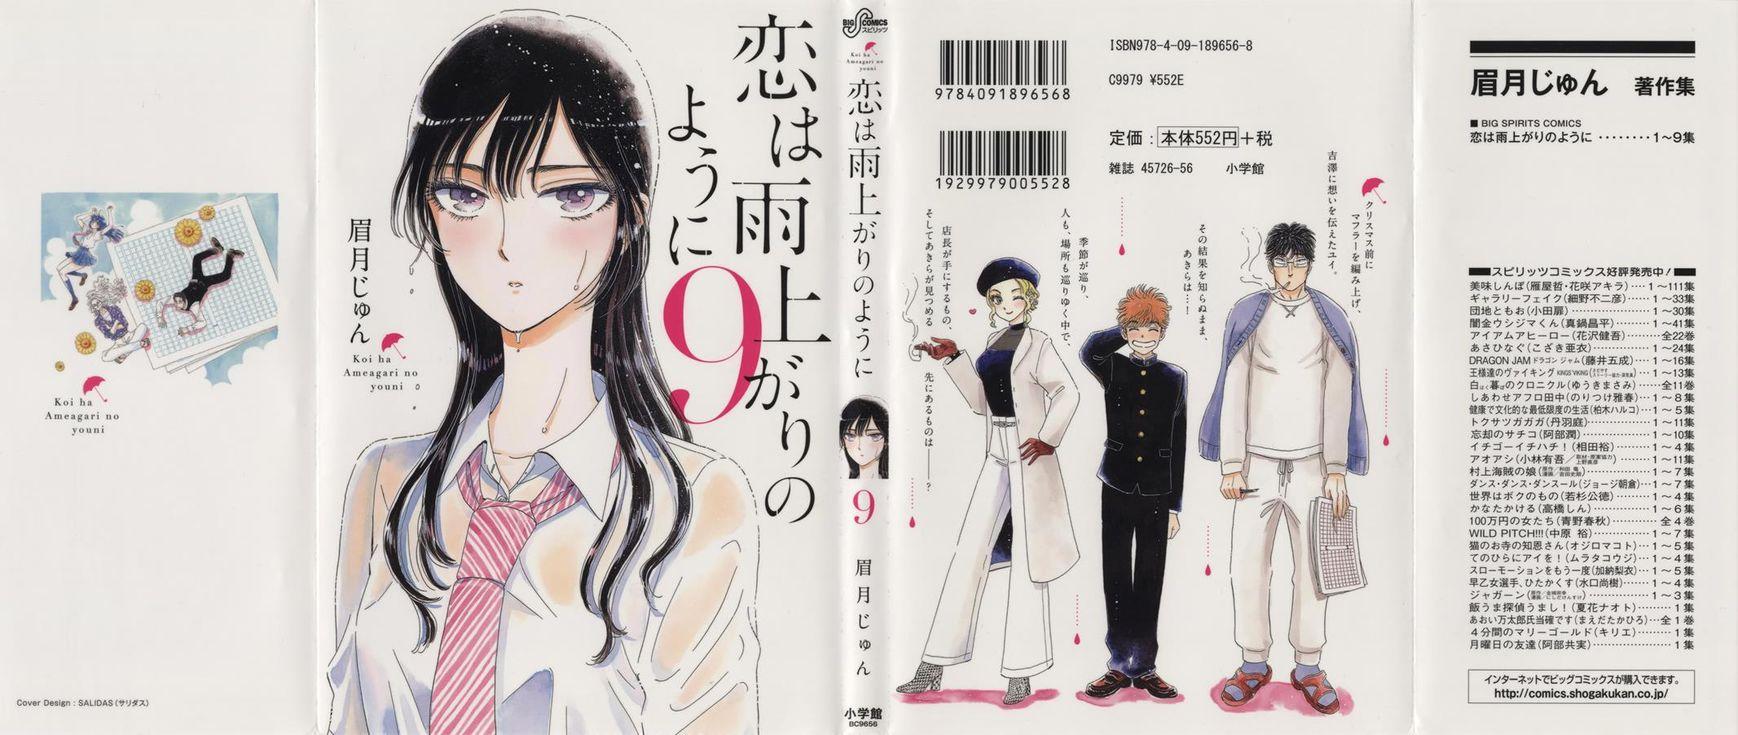 Koi wa Amaagari no You ni 65 Page 1